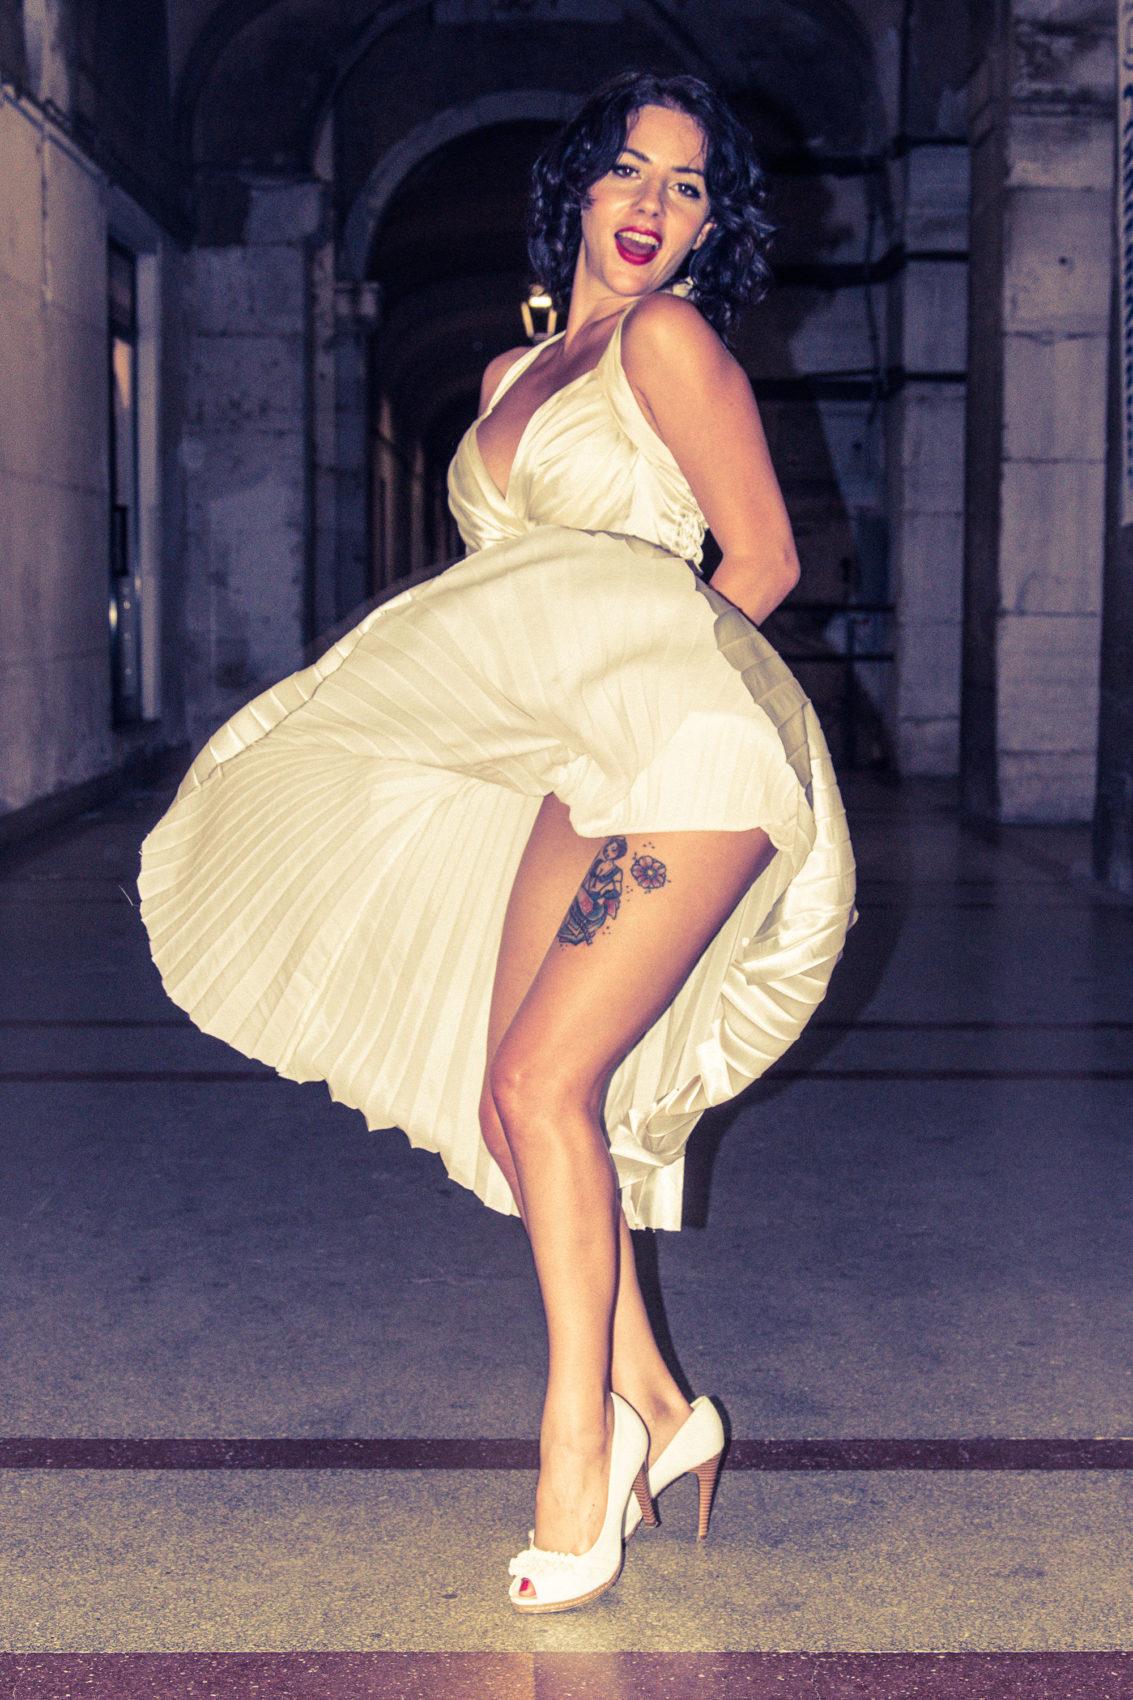 Jessica Frascarelli come Marilyn Monroe in abito bianco alzato dal vento mostra le gambe